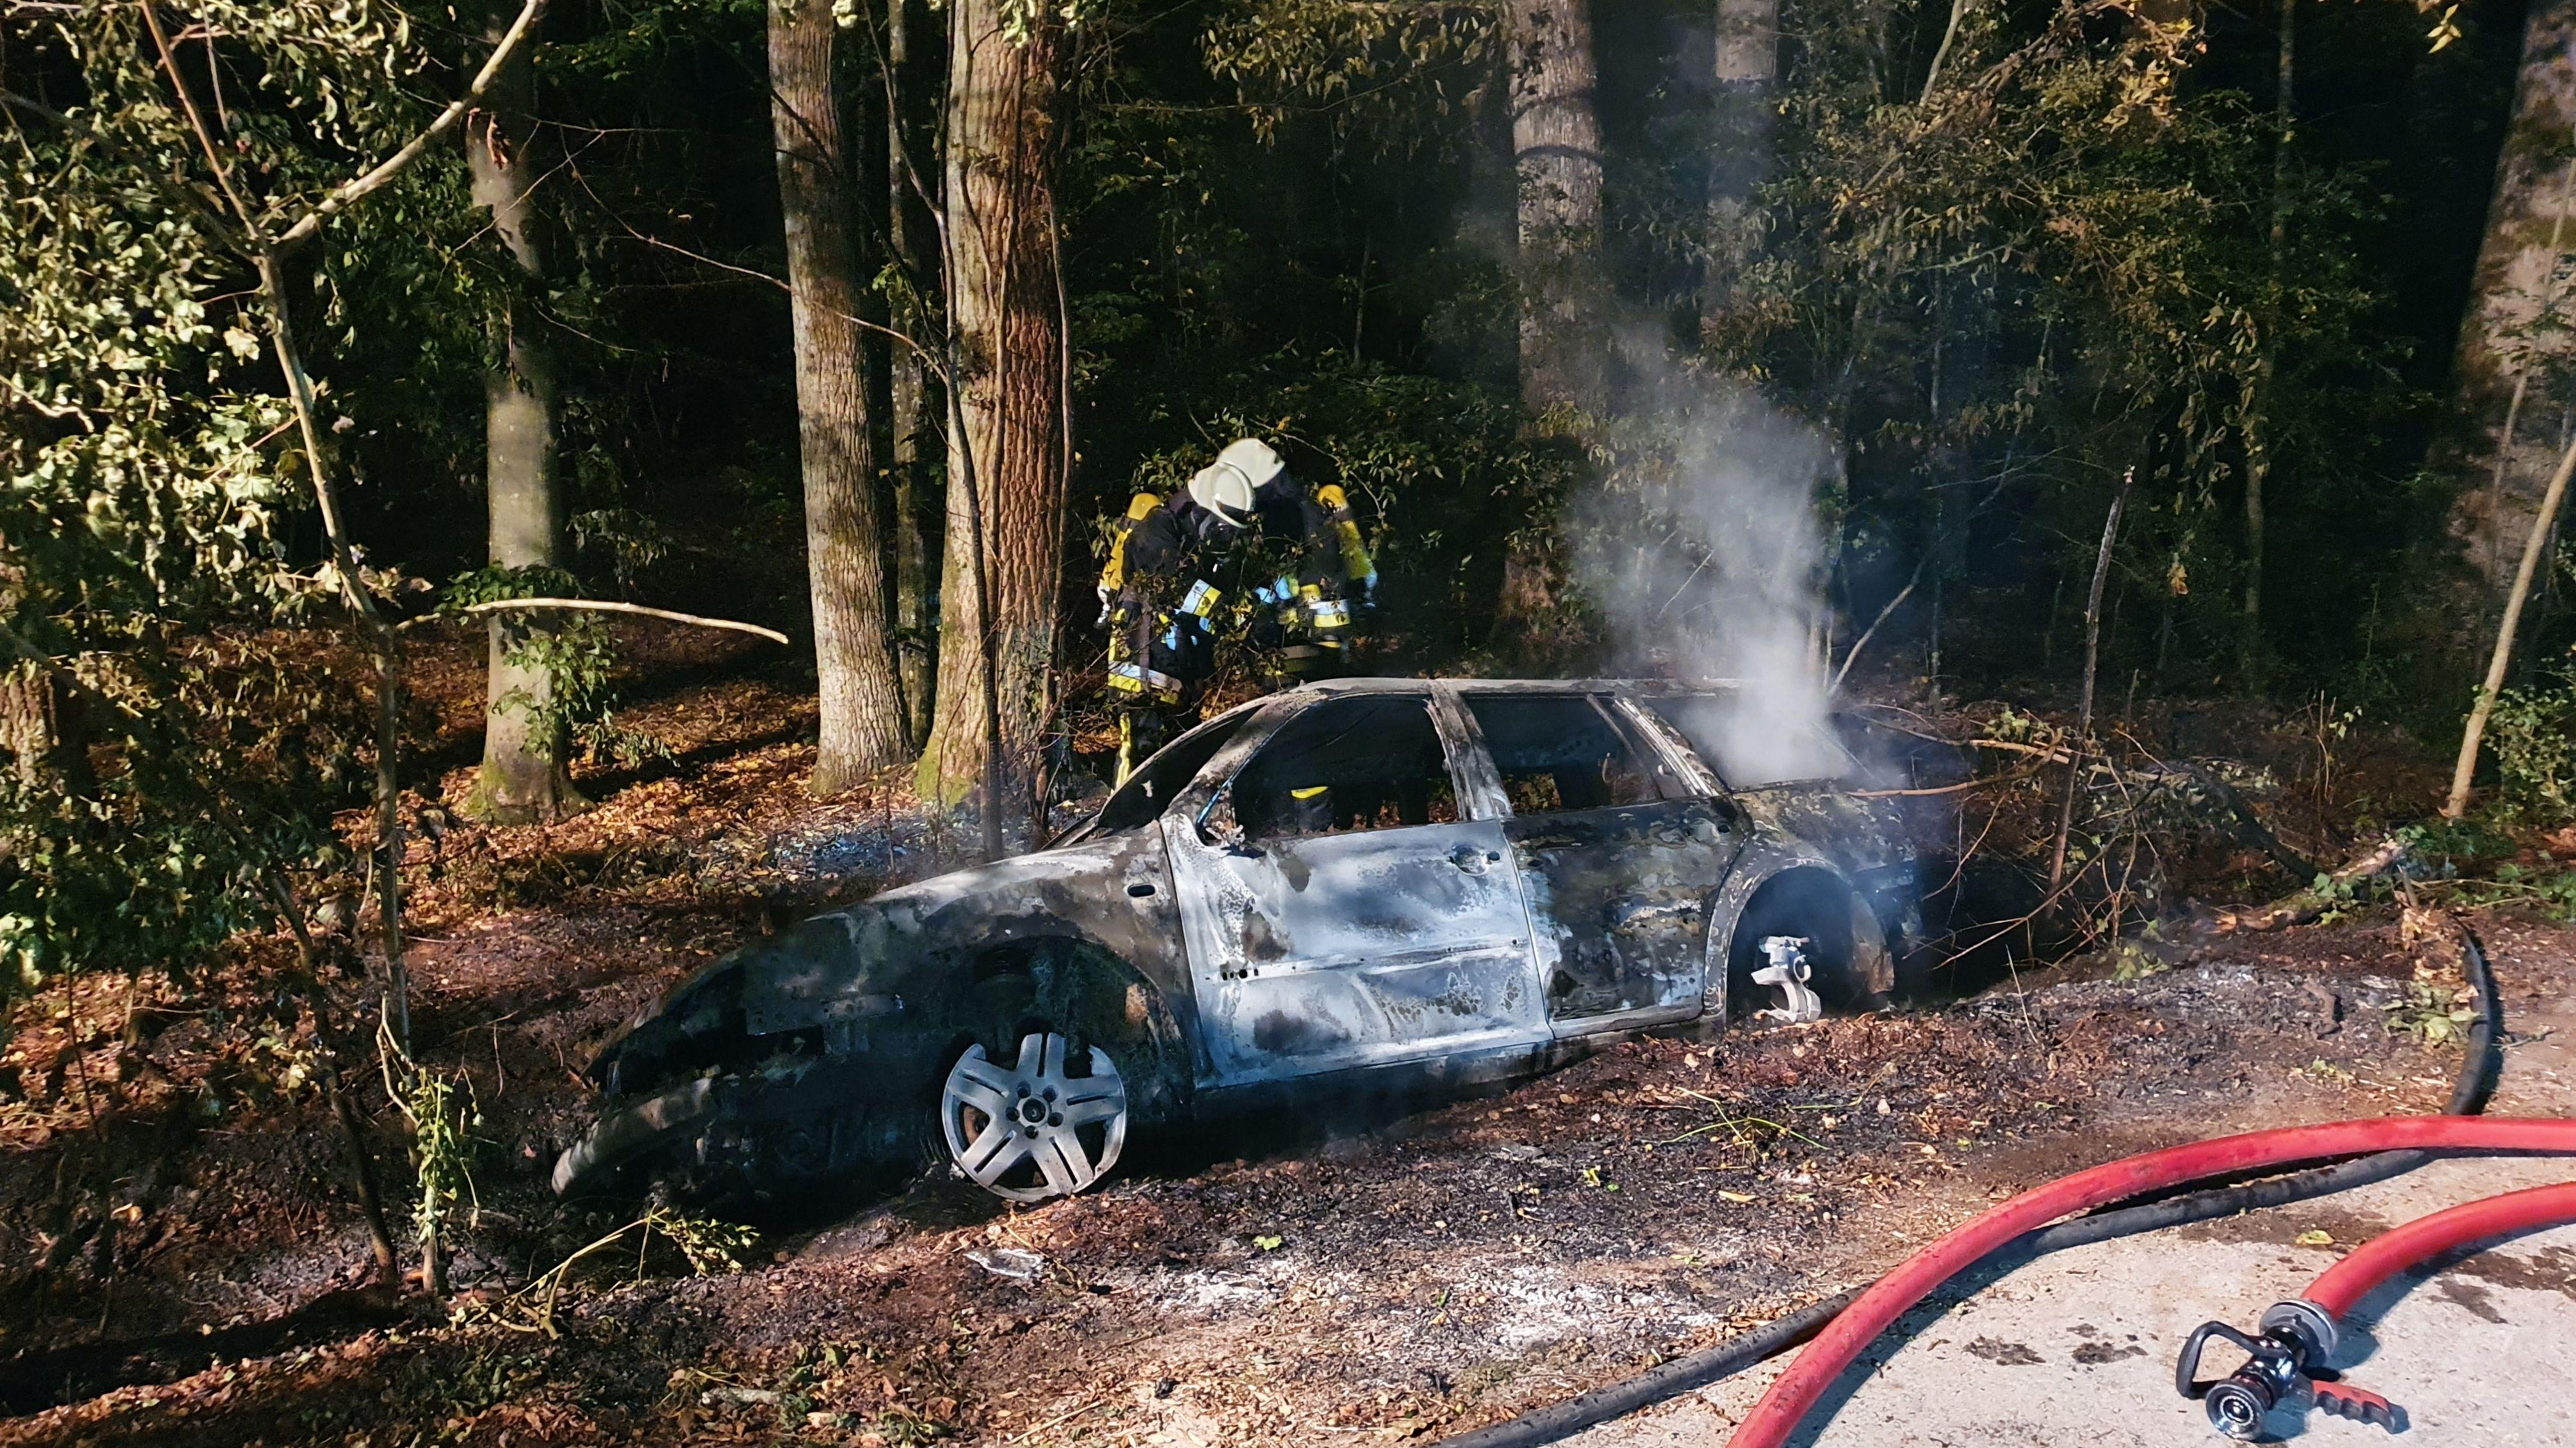 Landkreis Ansbach: Auto brennt im Wald komplett aus